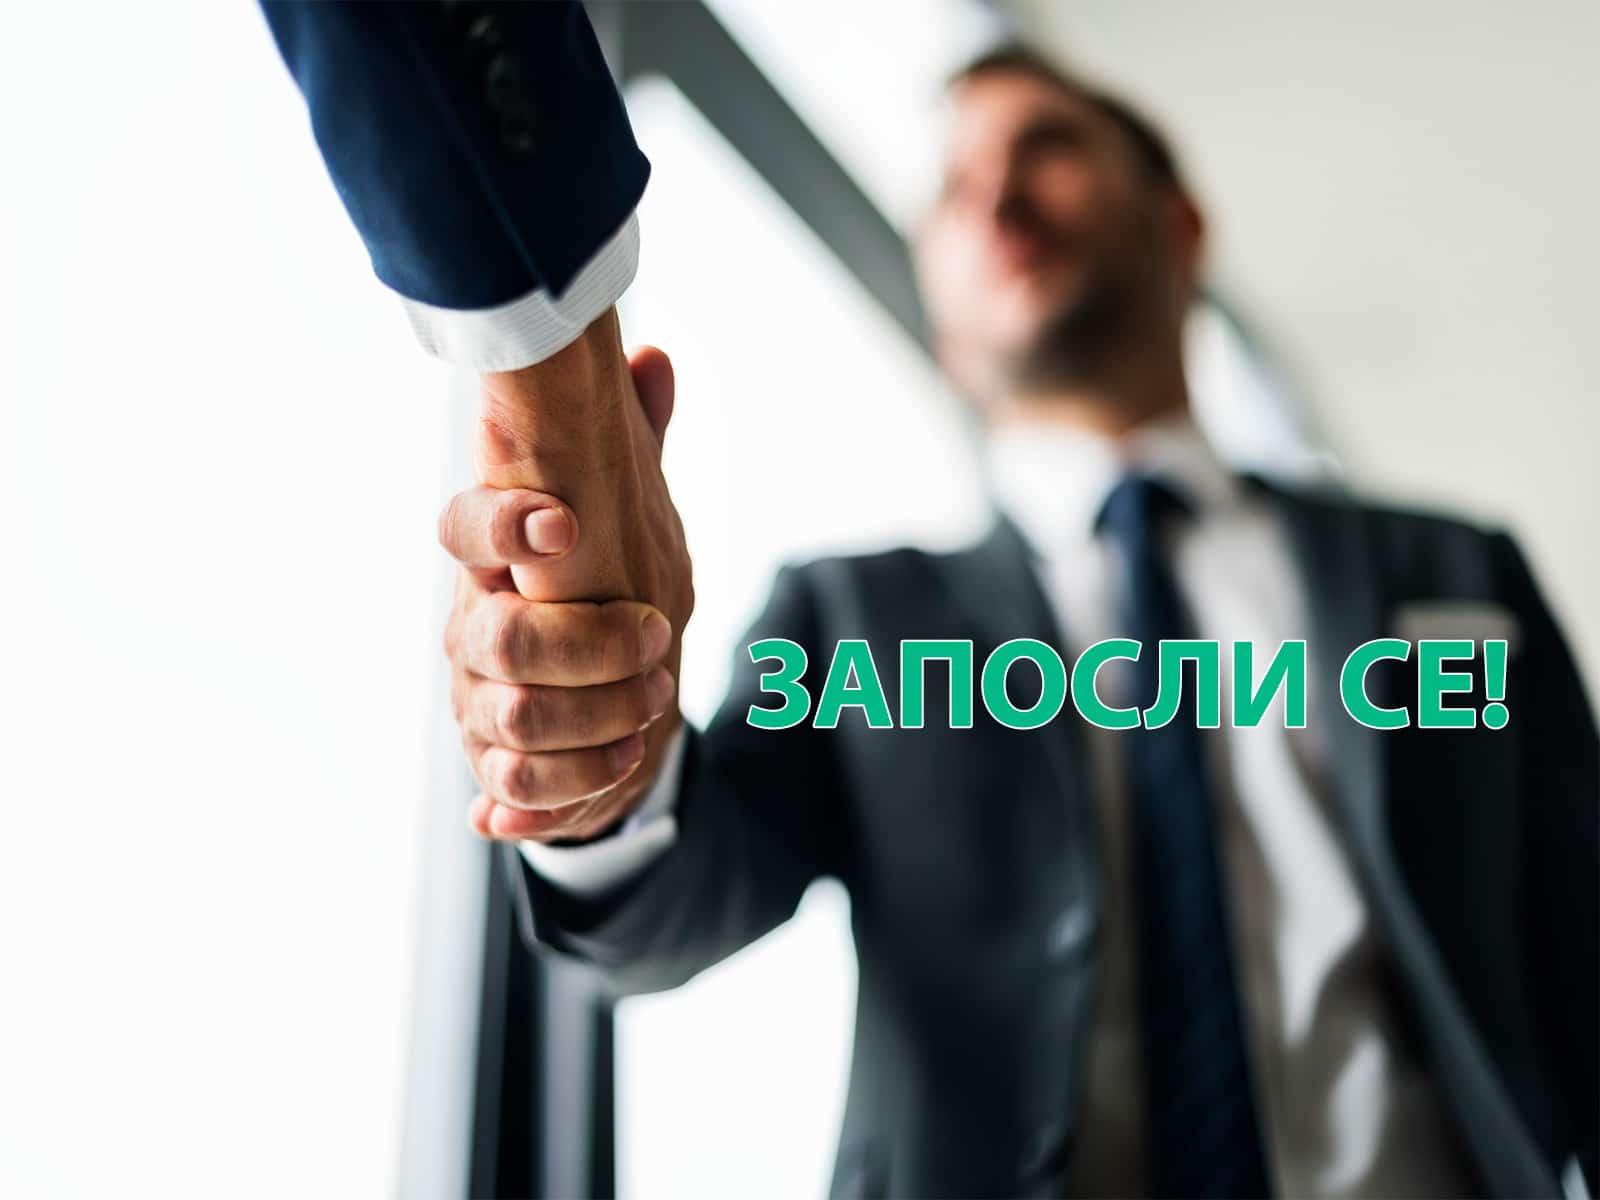 Prijavi se za posao [3 pozicije]